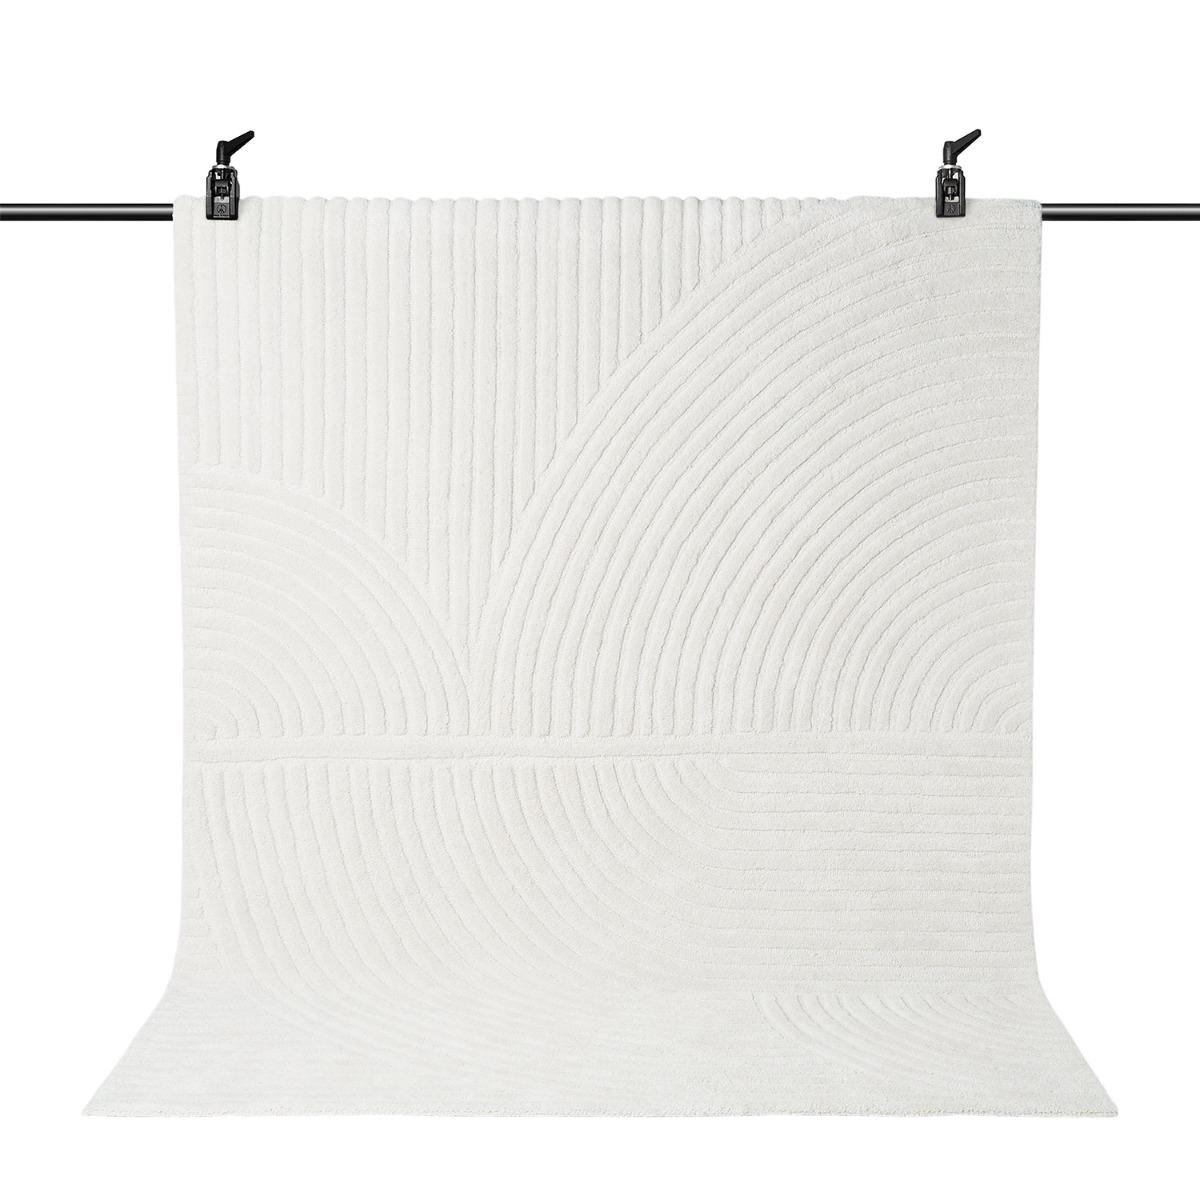 Designtorget Matta DT Henny 200x300 Off White